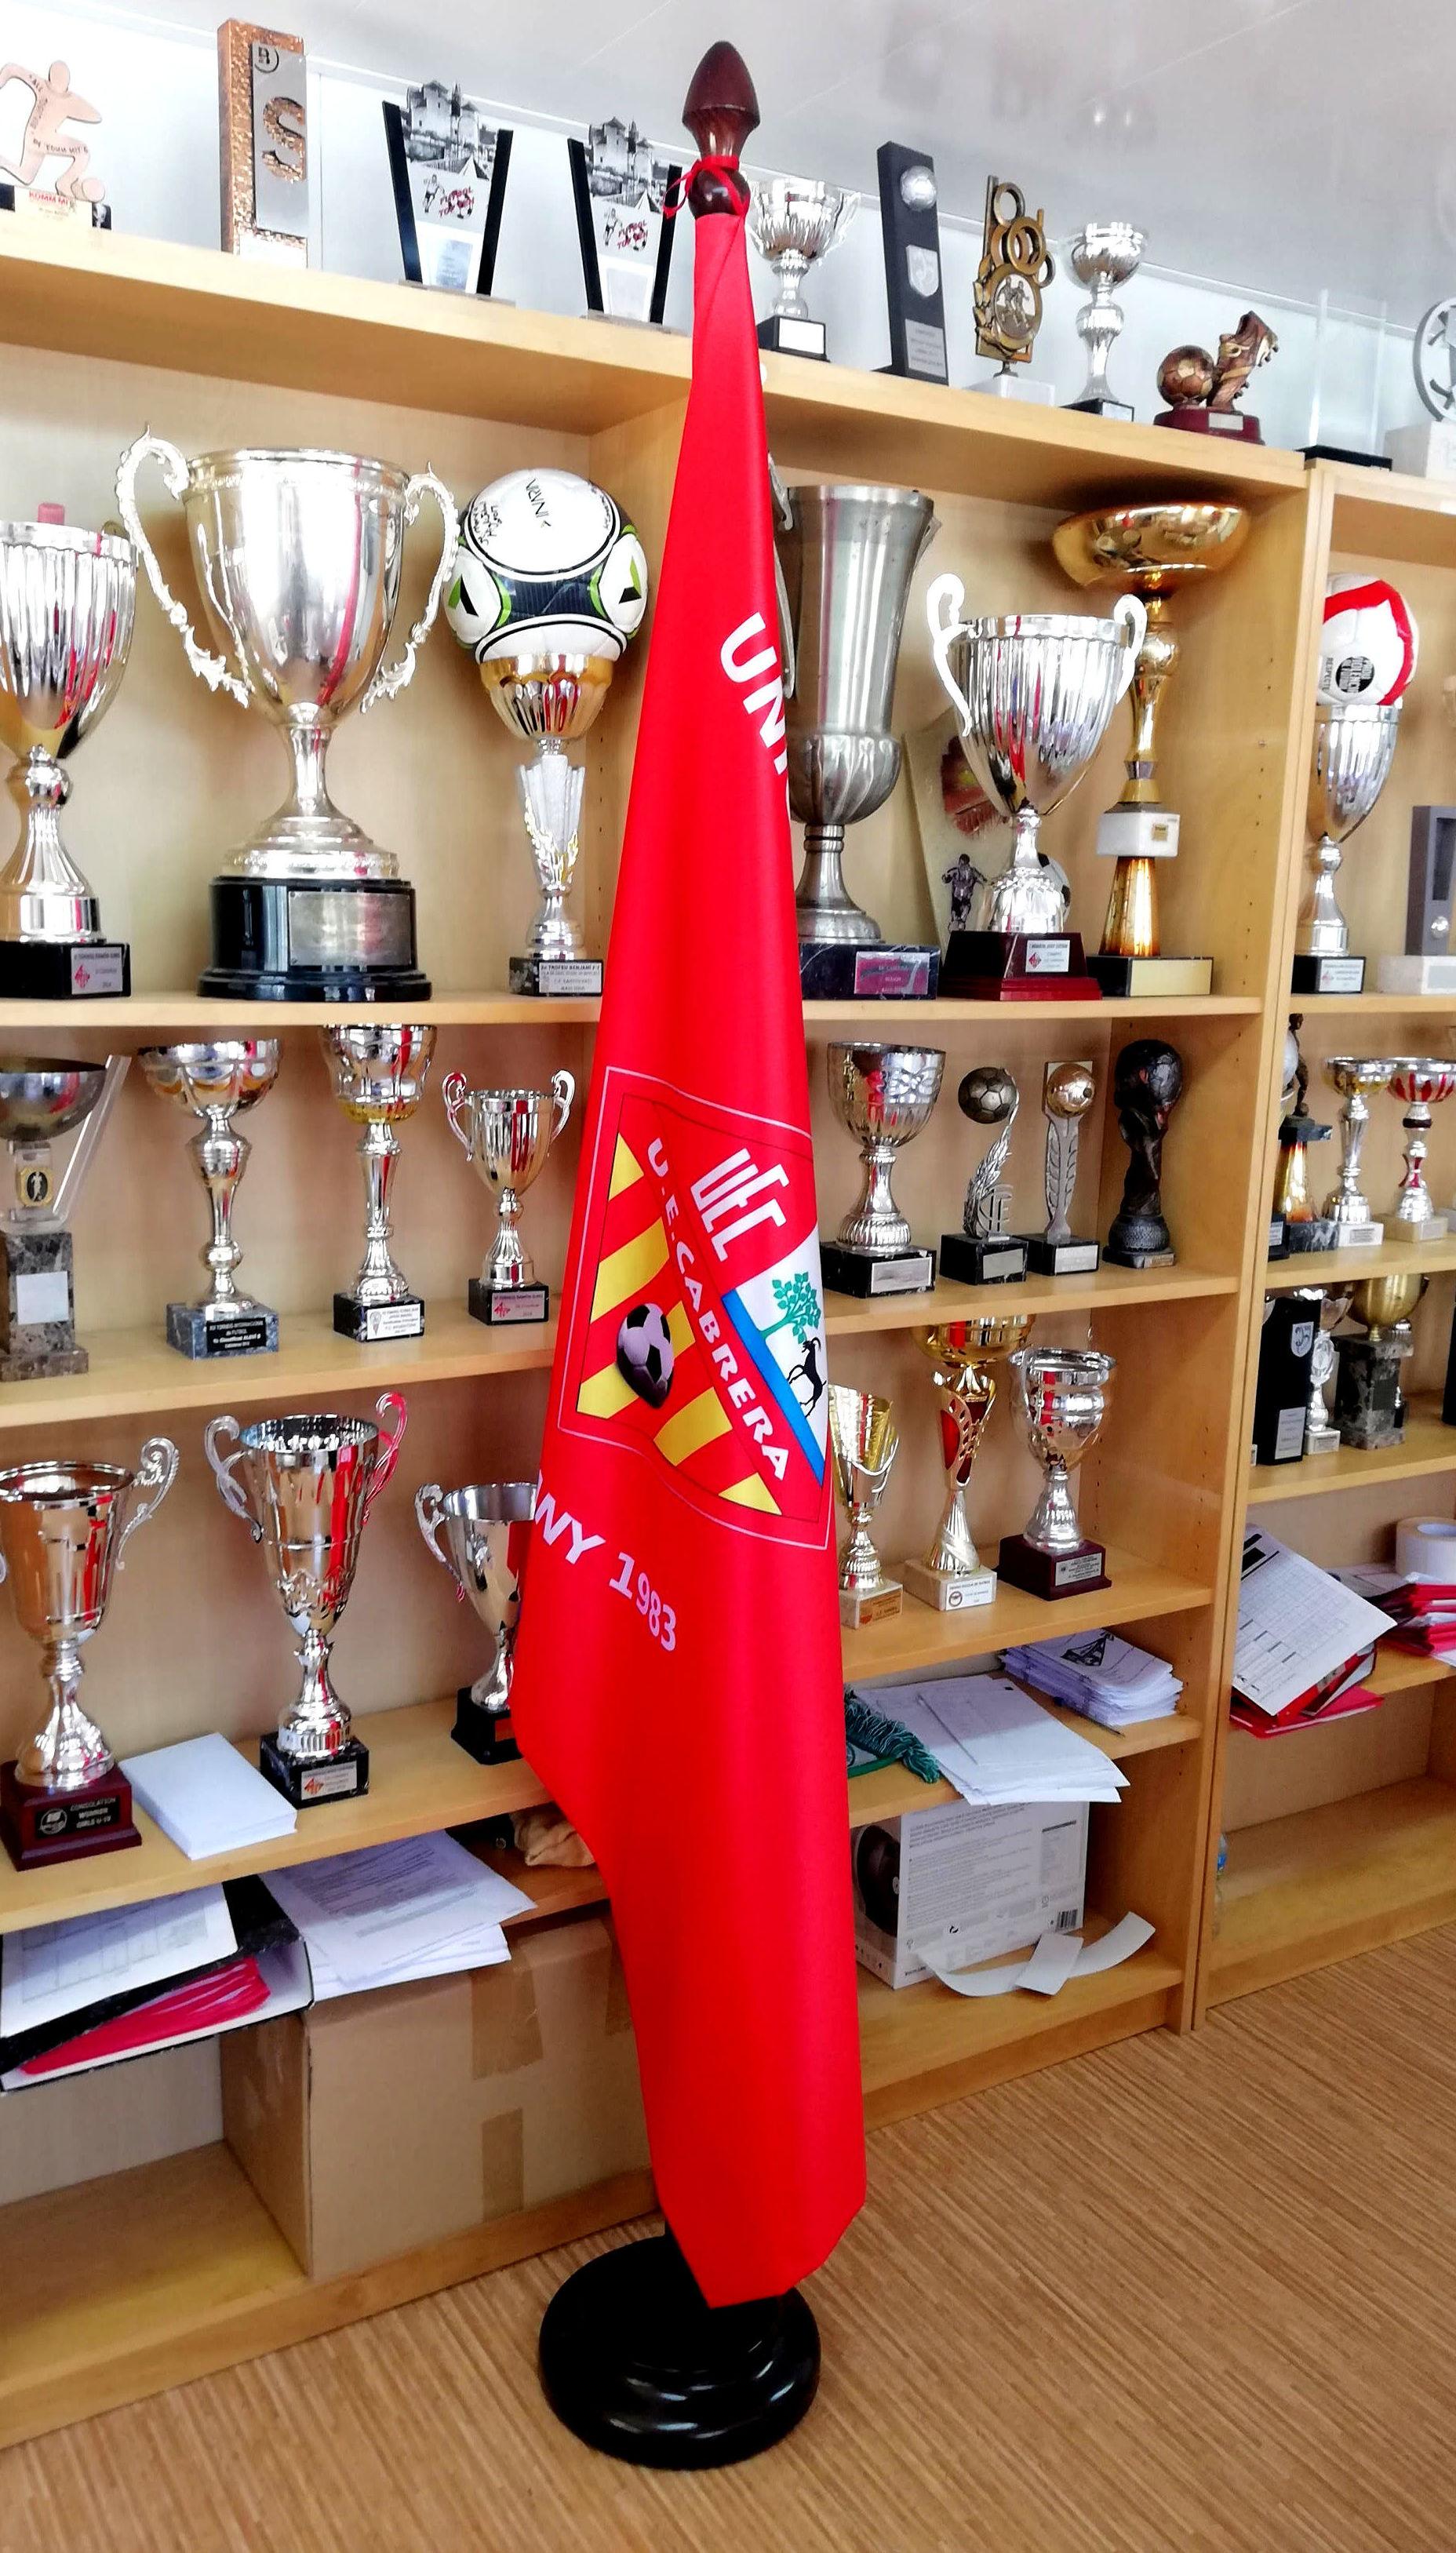 Bandera y mástil de Interior.